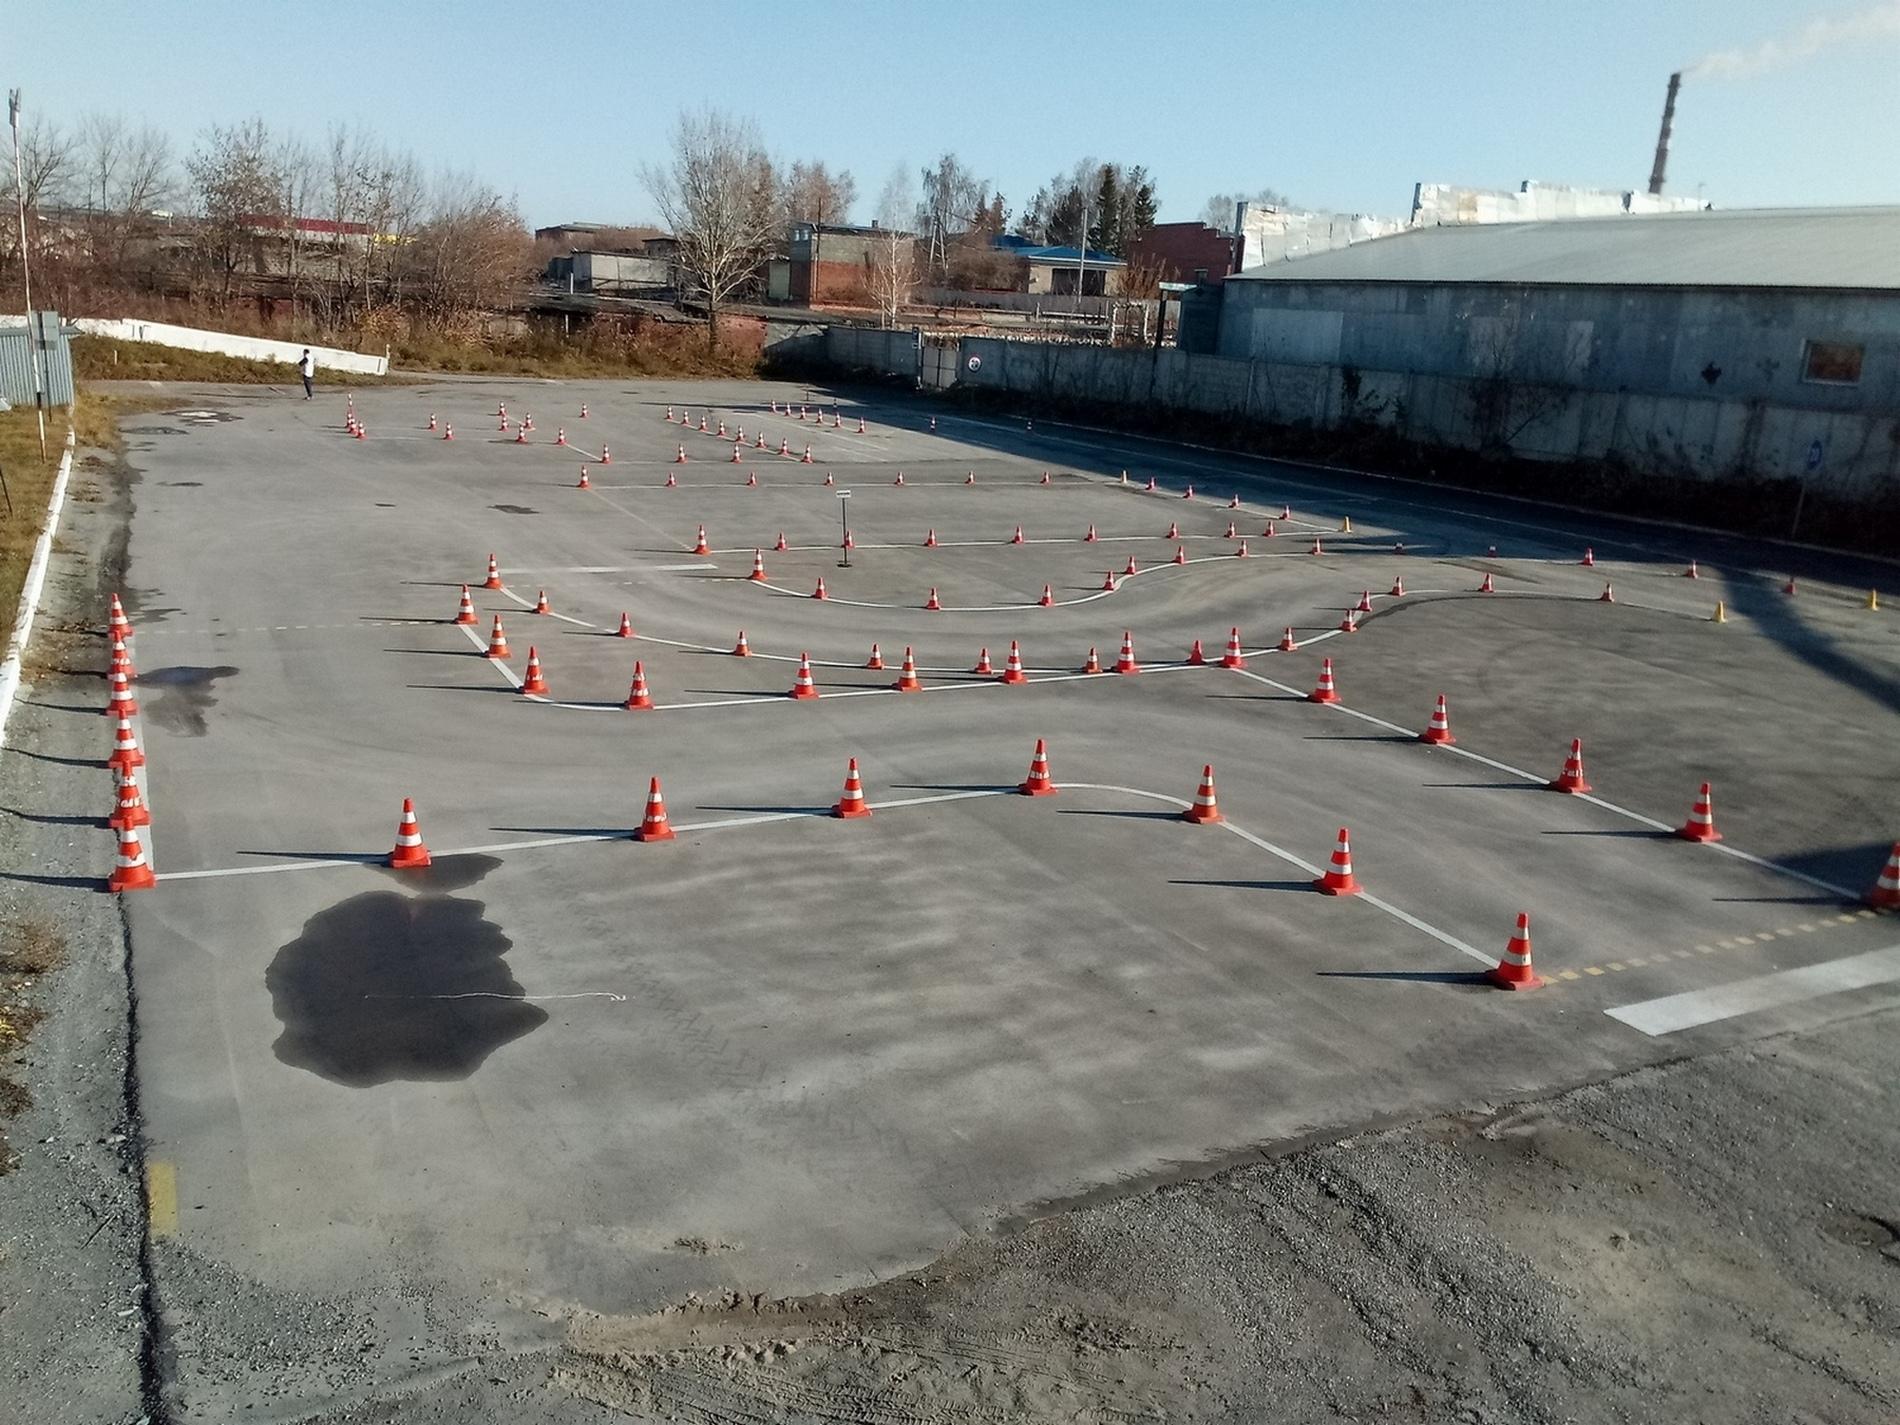 парковка задним ходом параллельно схема